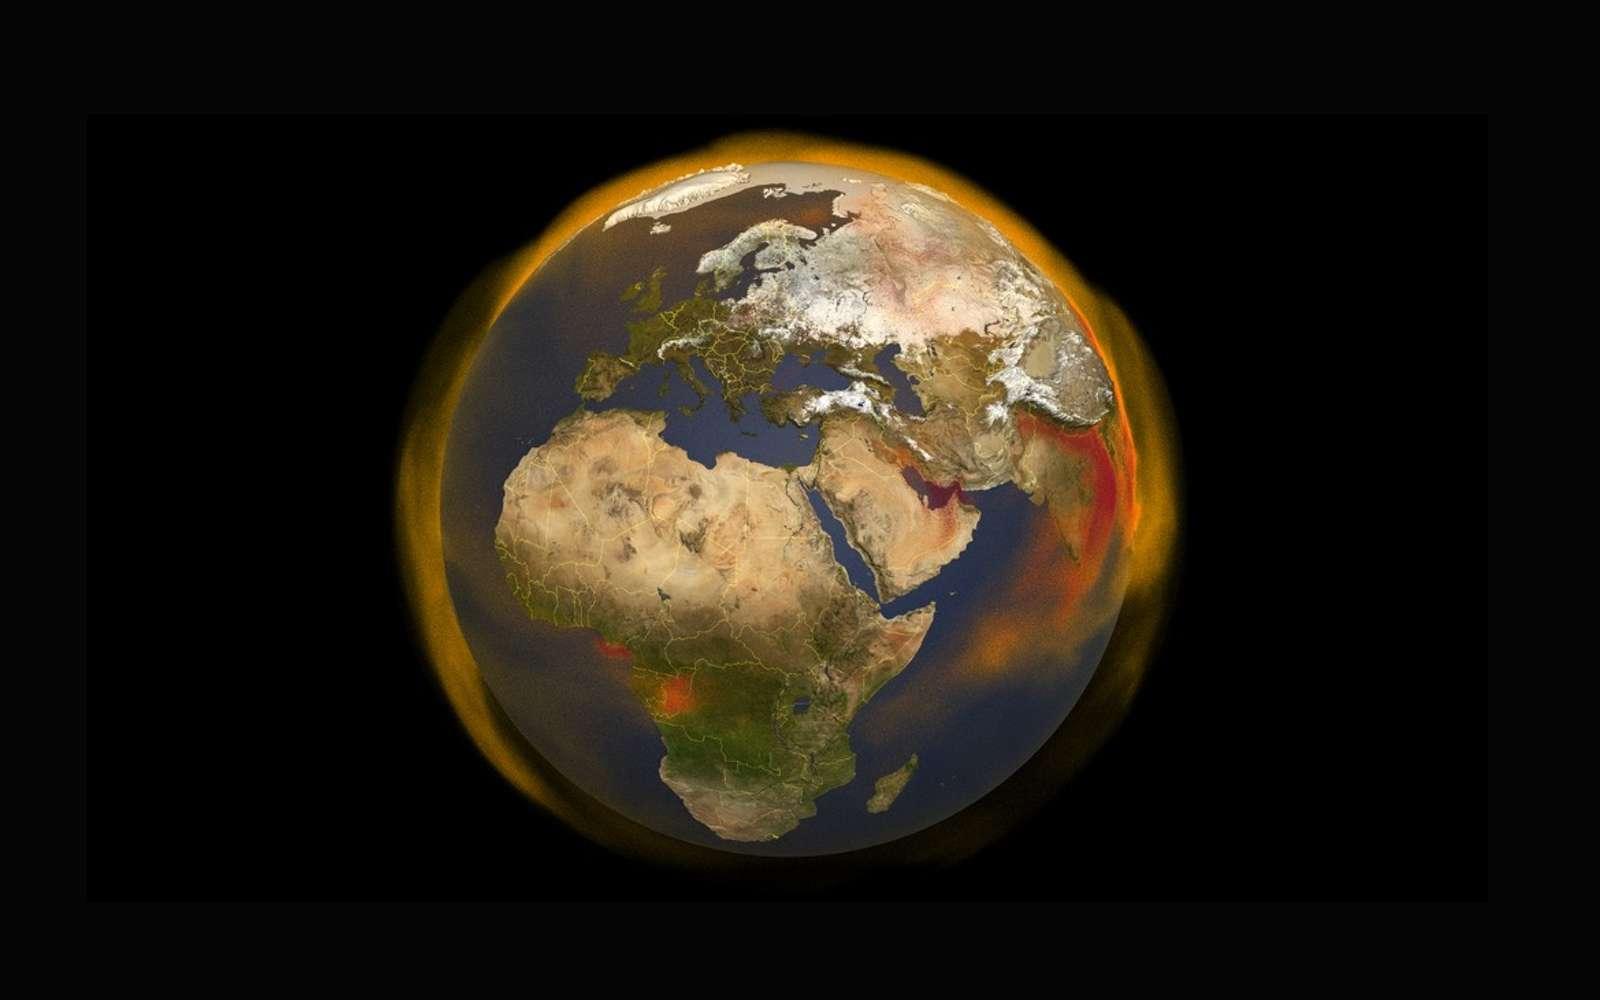 L'agriculture et l'élevage sont des sources d'émission de méthane (CH4) de plus en plus importantes dans le monde. © Nasa